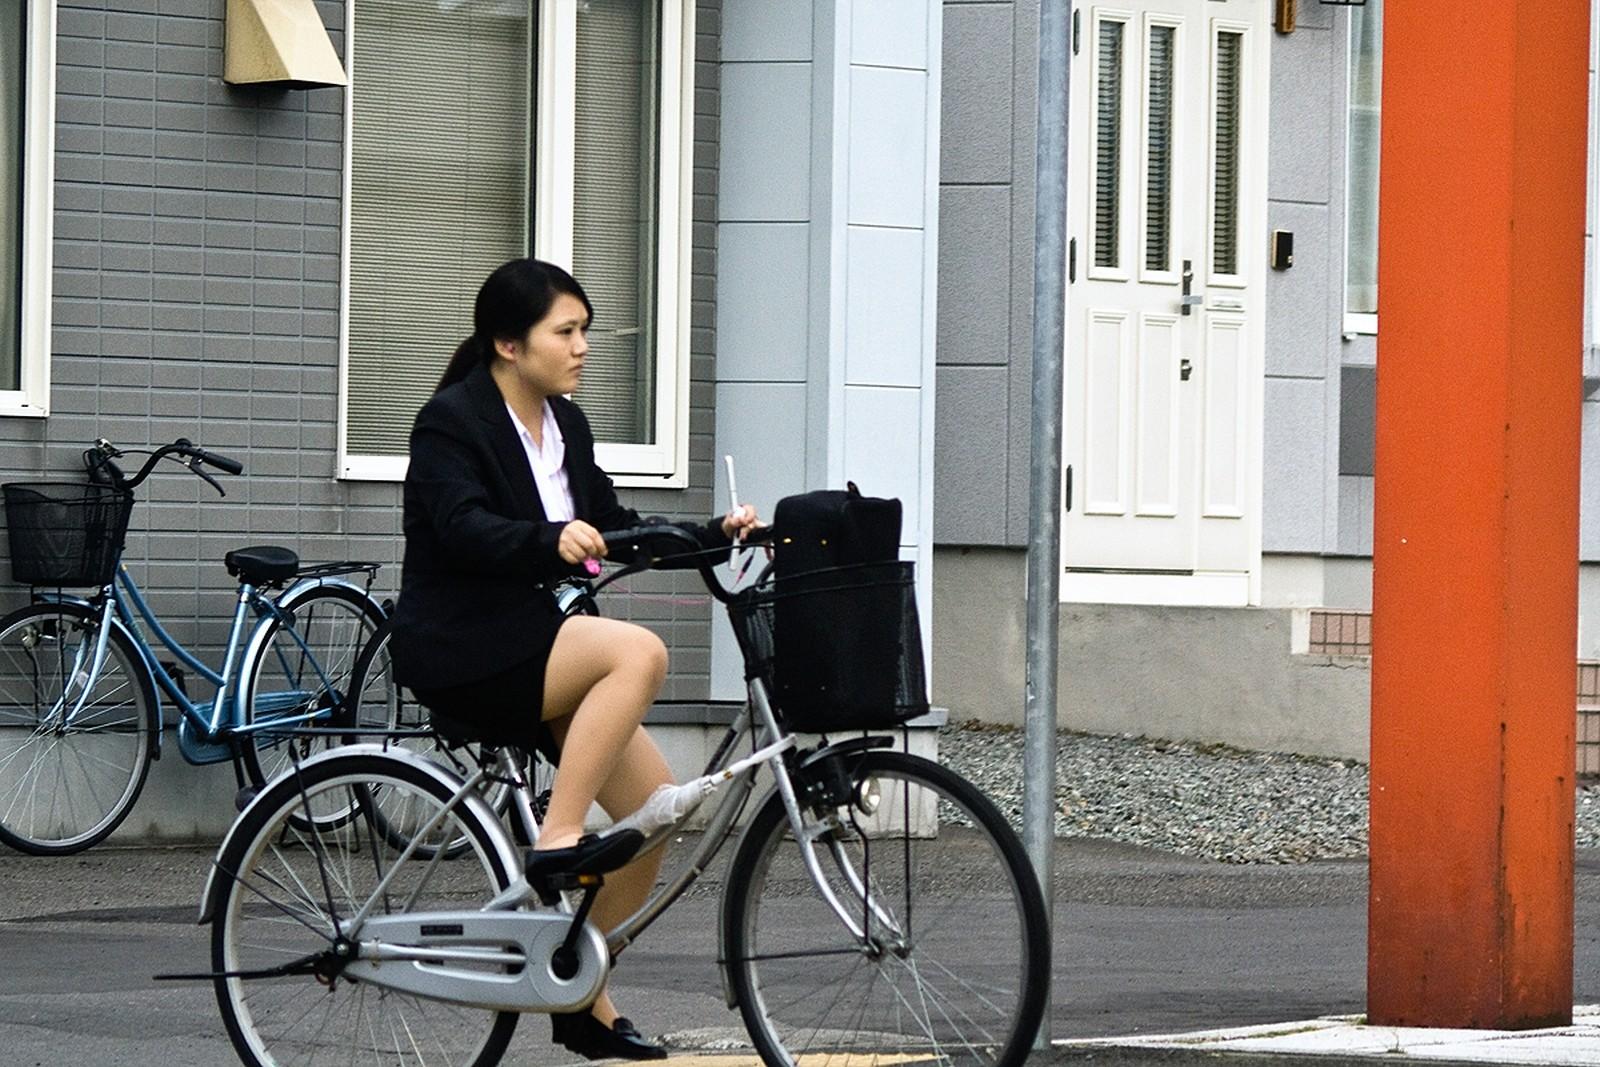 タイトスカートのお尻にパンスト足パンチラの自転車OL14枚目